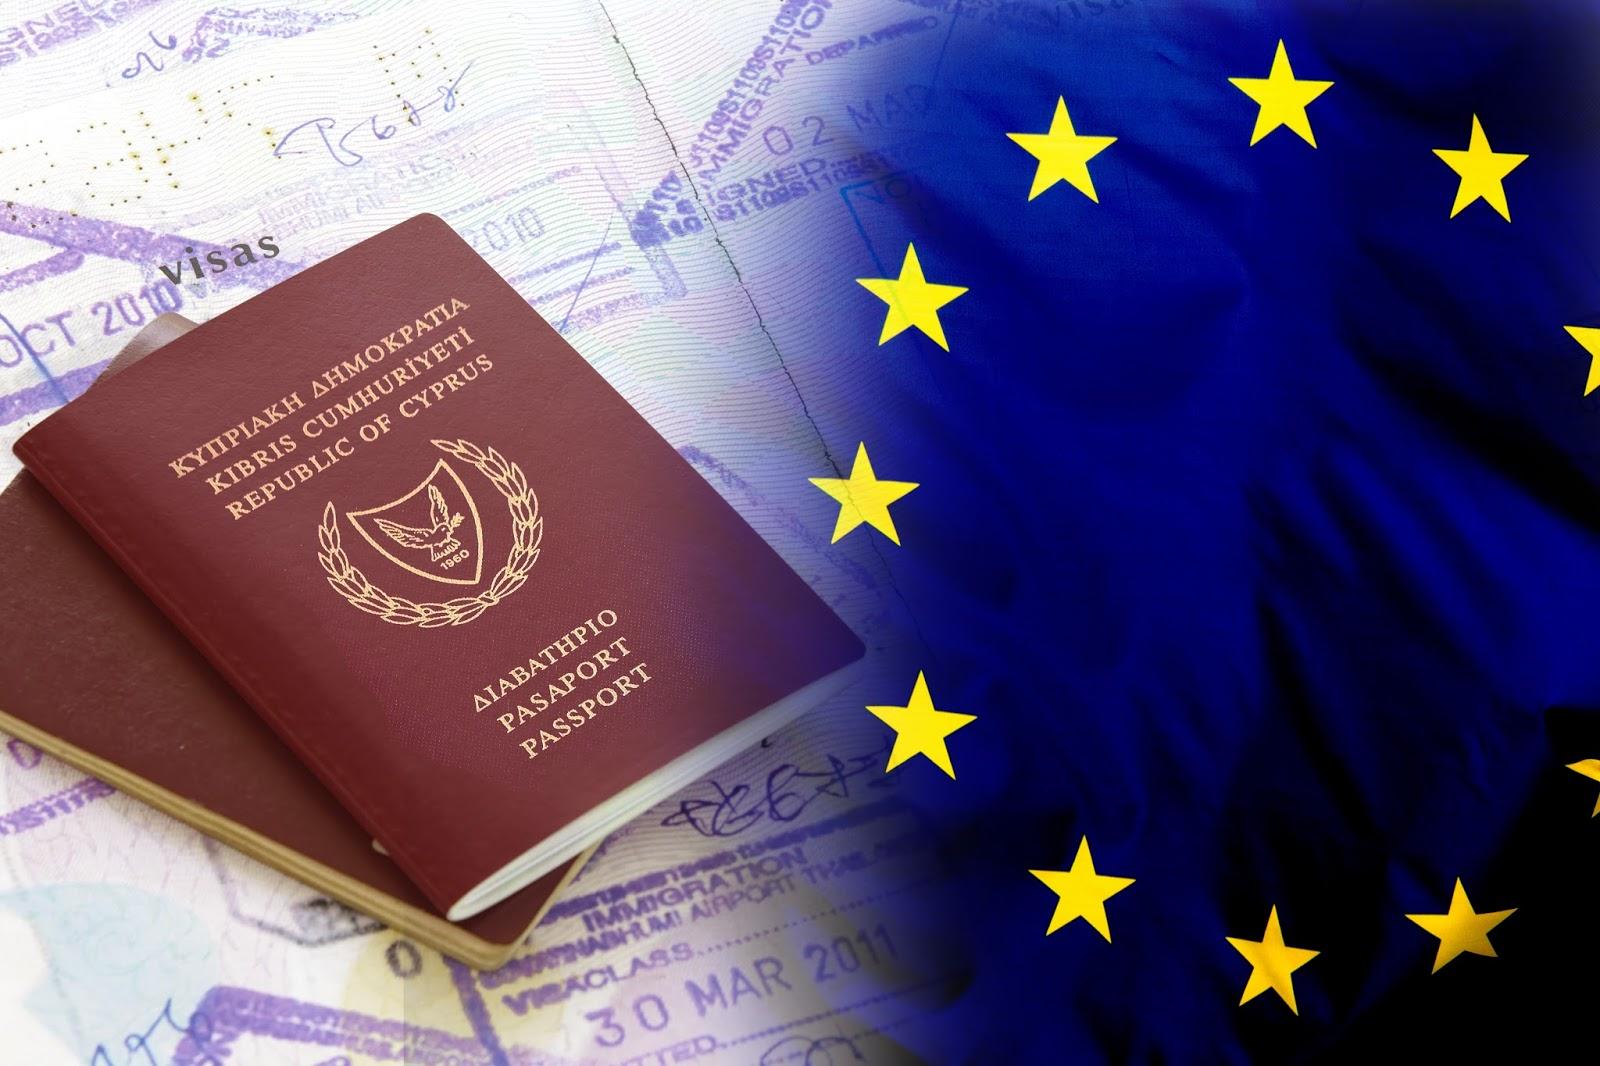 Cơ hội định cư EU: Đầu tư bất động sản tại Síp